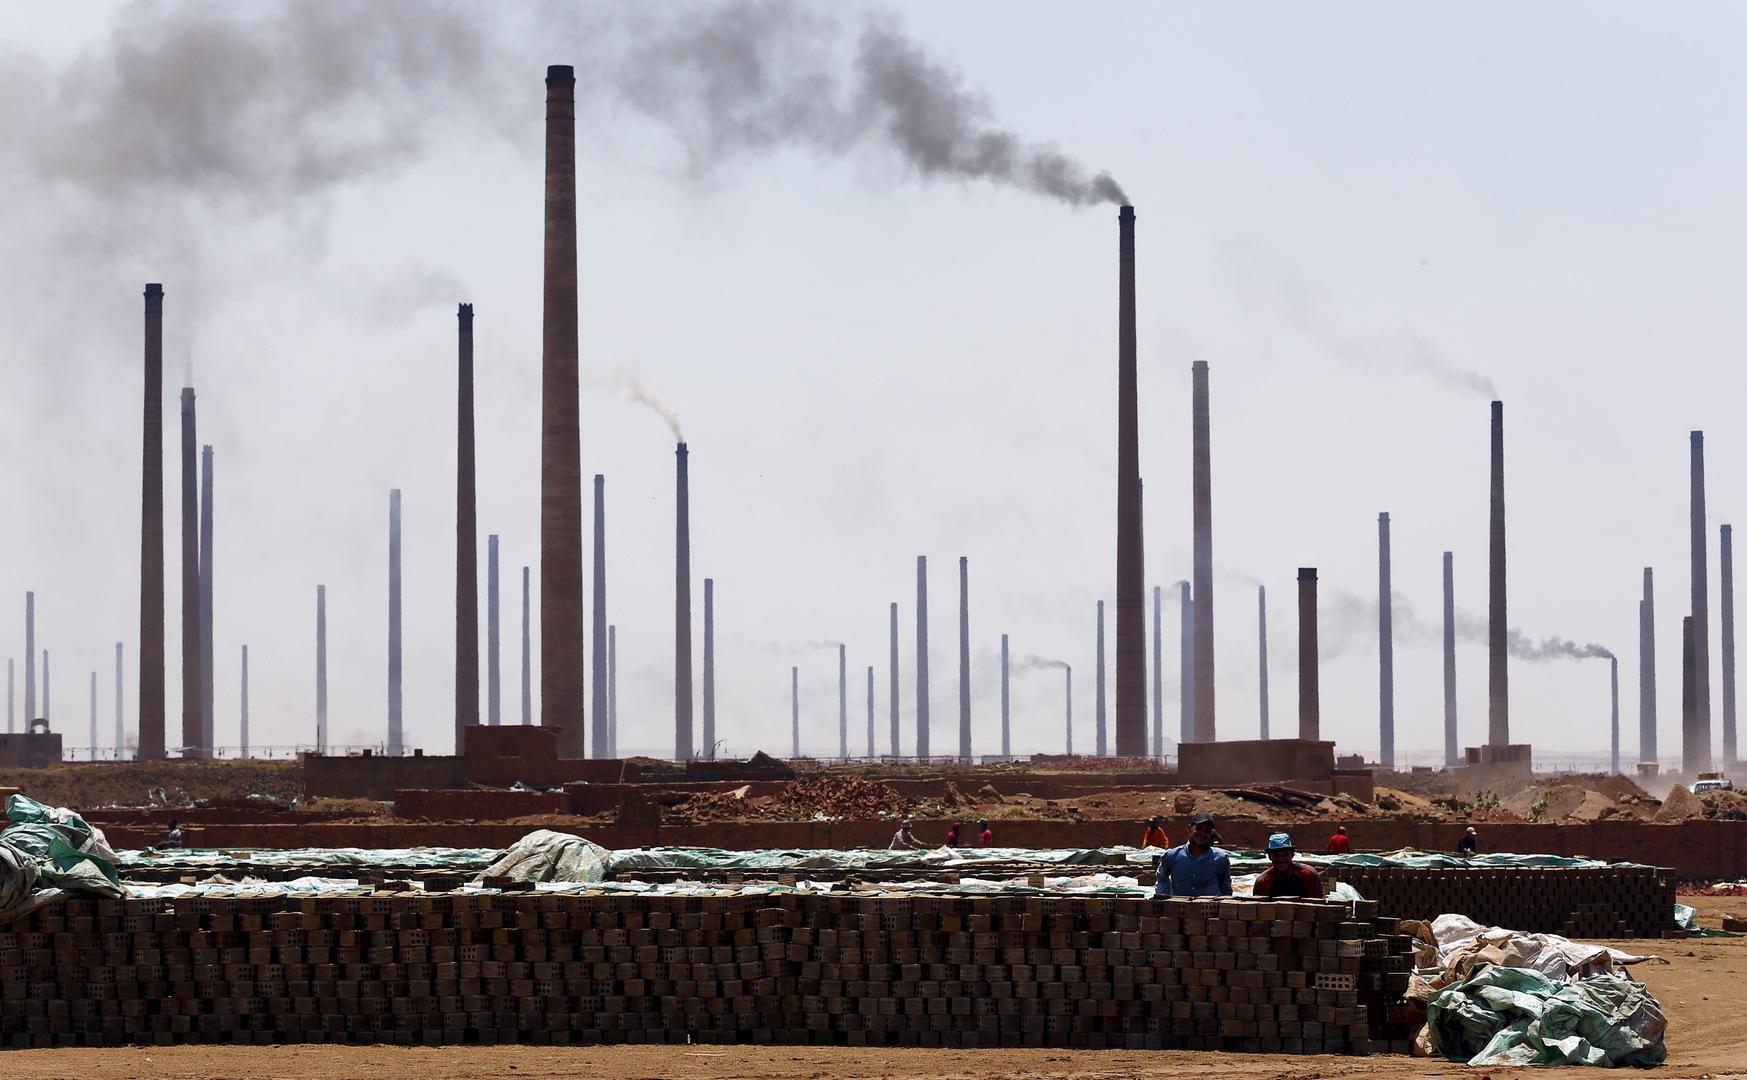 مصر.. إنشاء أكبر مصنع للسكر بمليار دولار